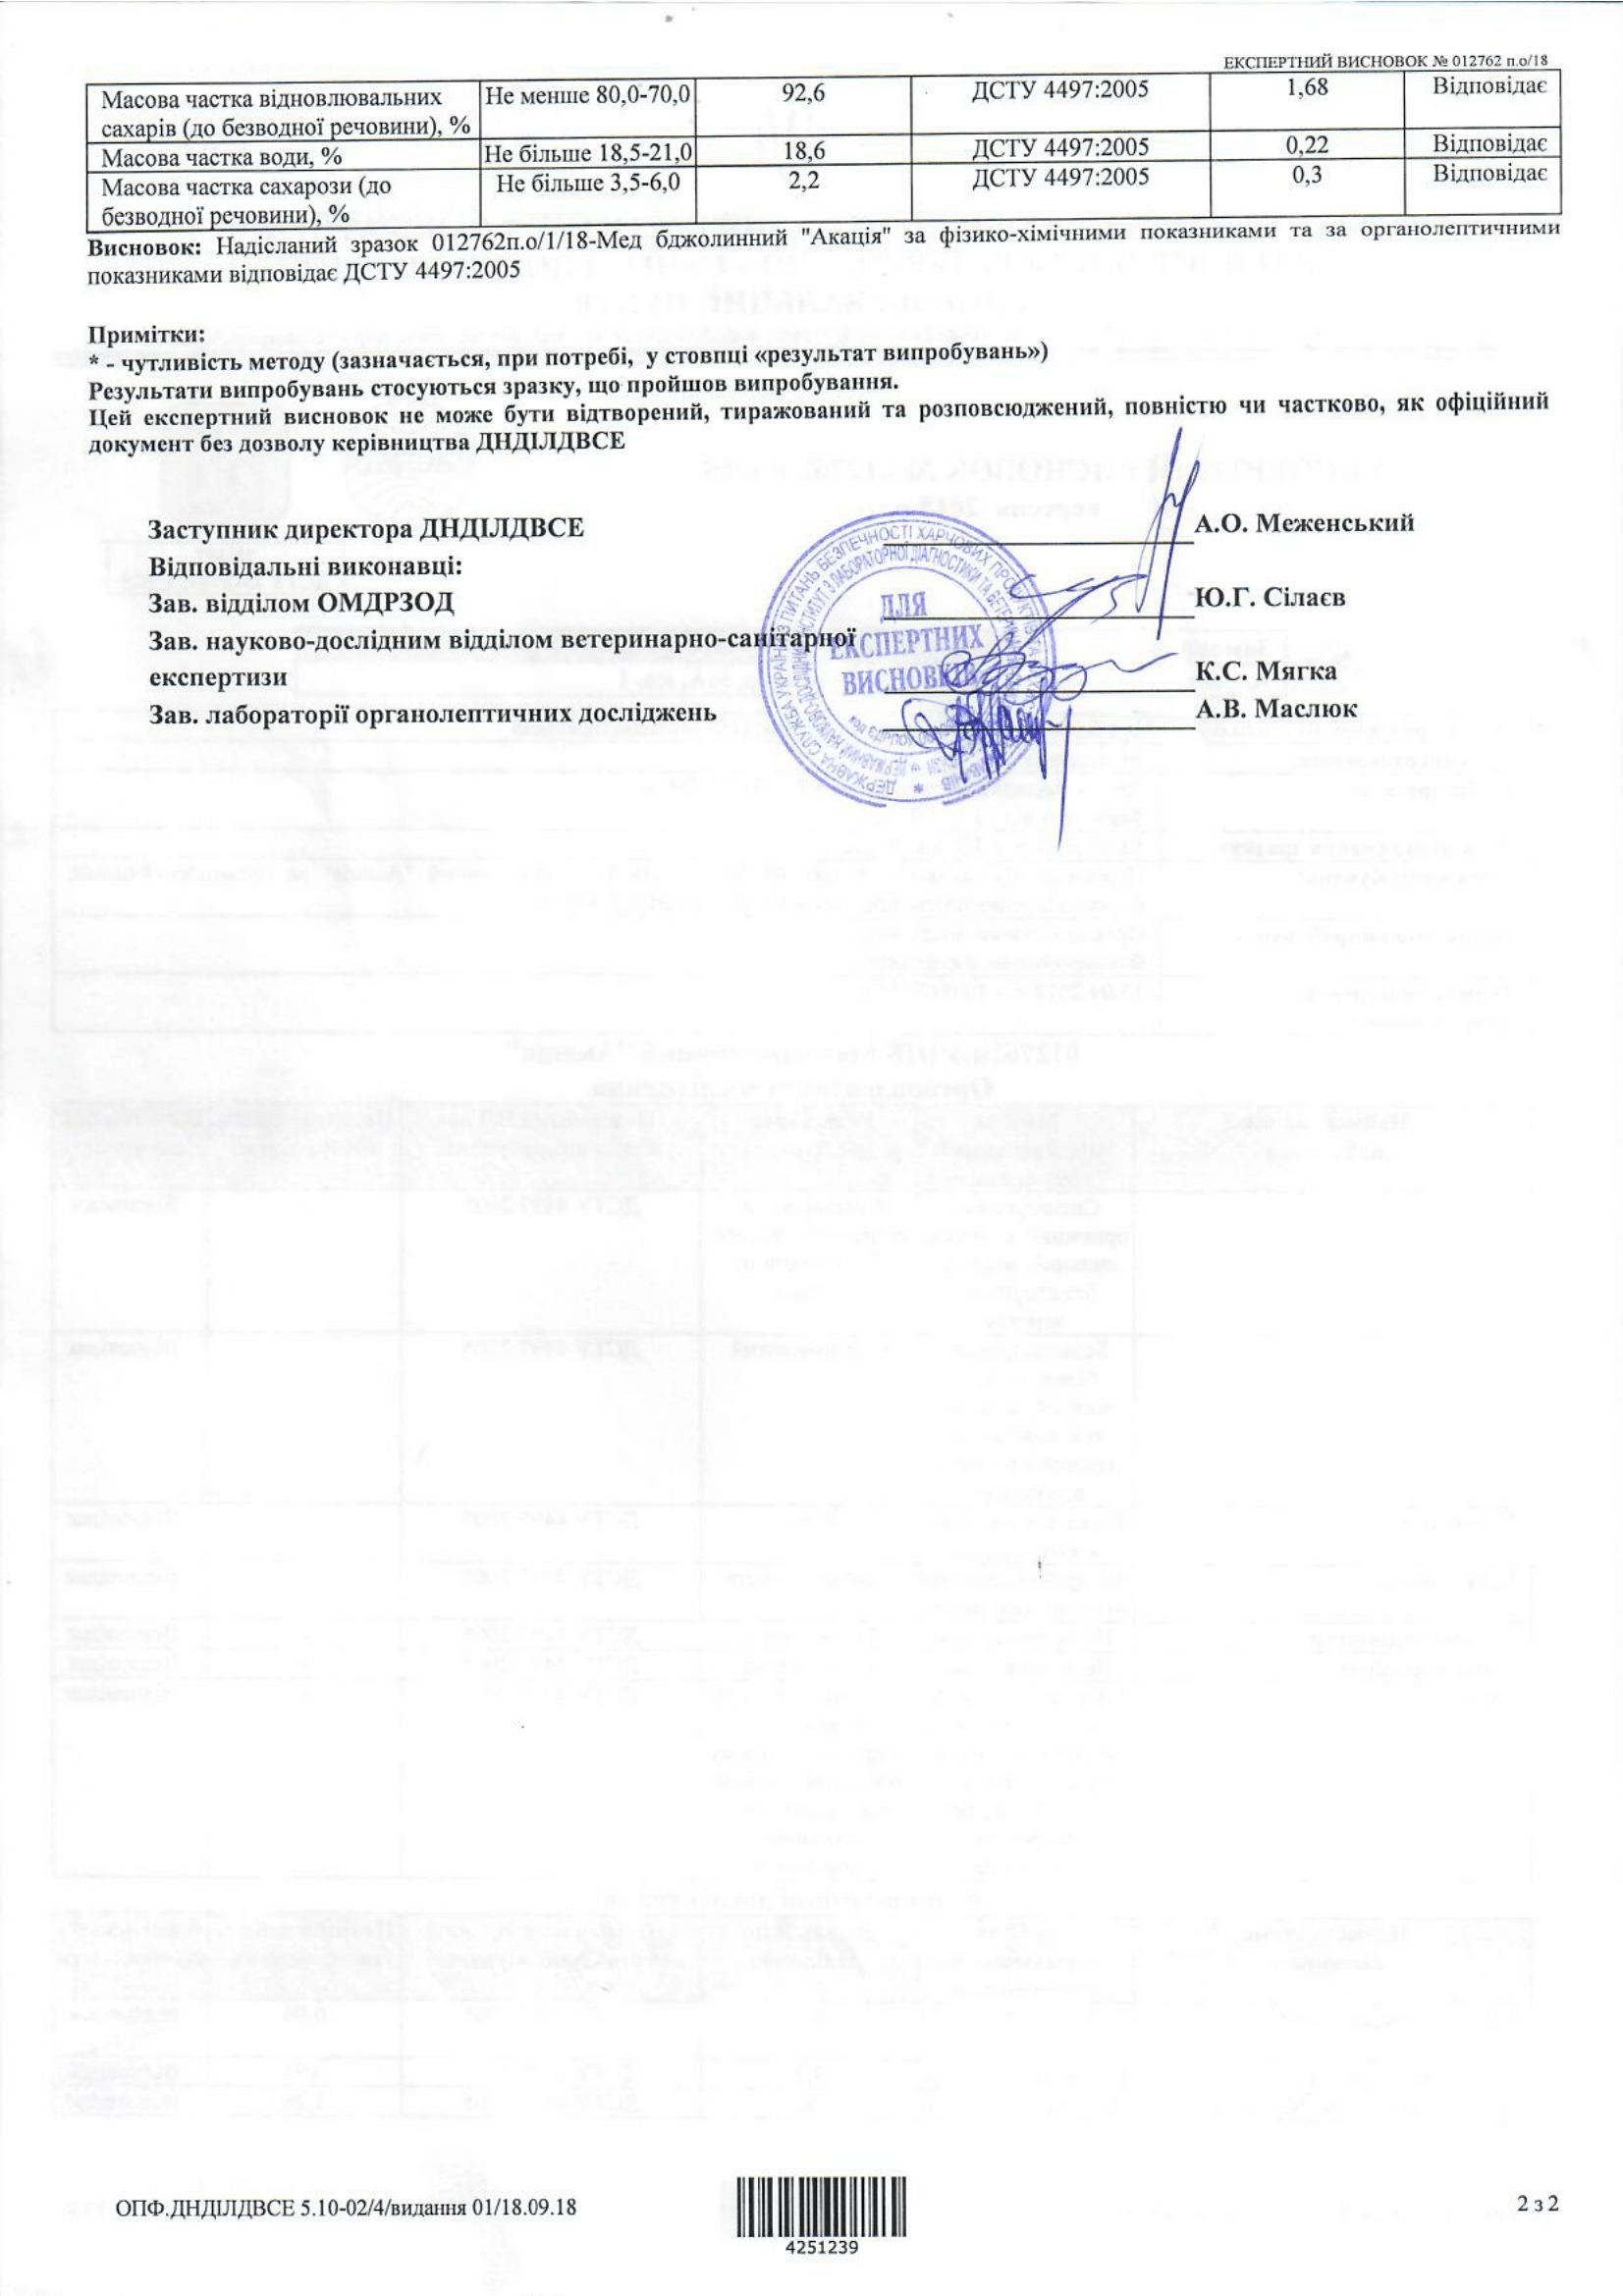 Експертний висновок на мед Акація-2-1653x2339